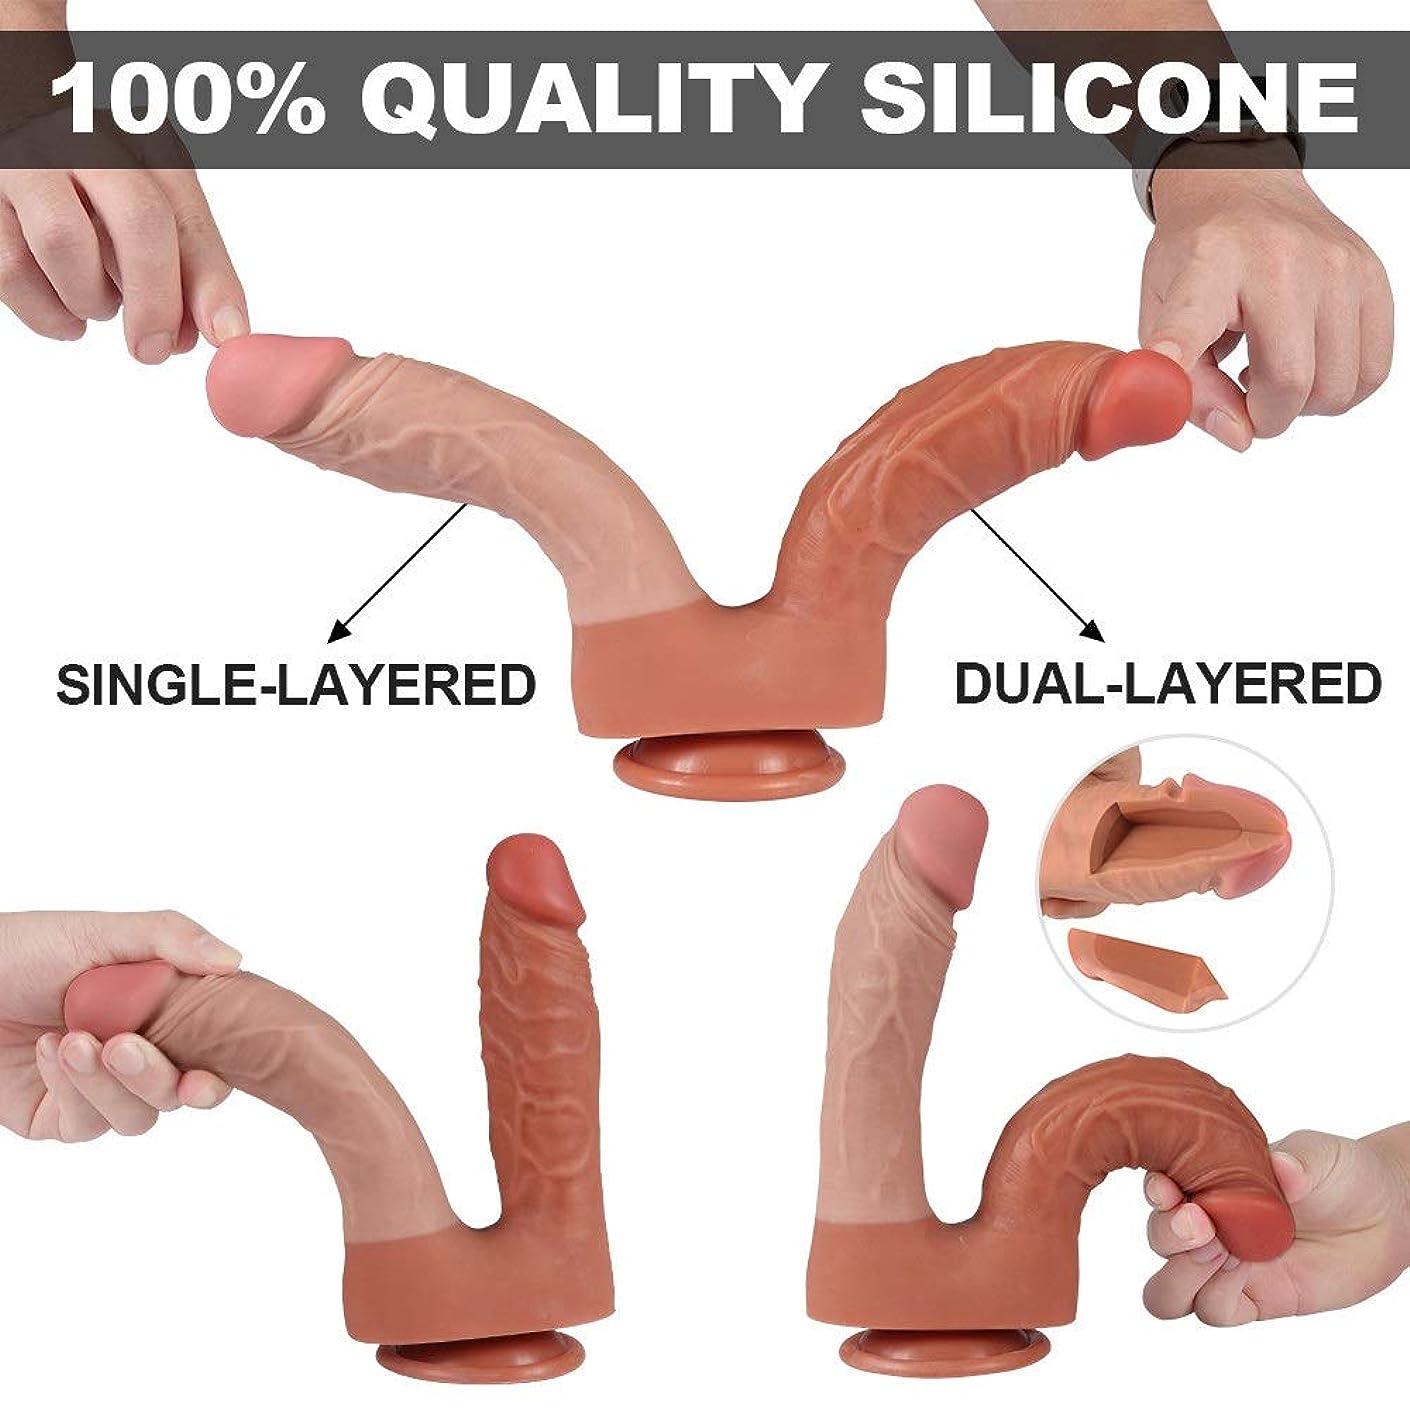 便利ホイップ公Y-angcco6 ソフトで柔軟なダブルヘッドマッサージSEおもちゃ女性カップル - 100%秘密のパッキング